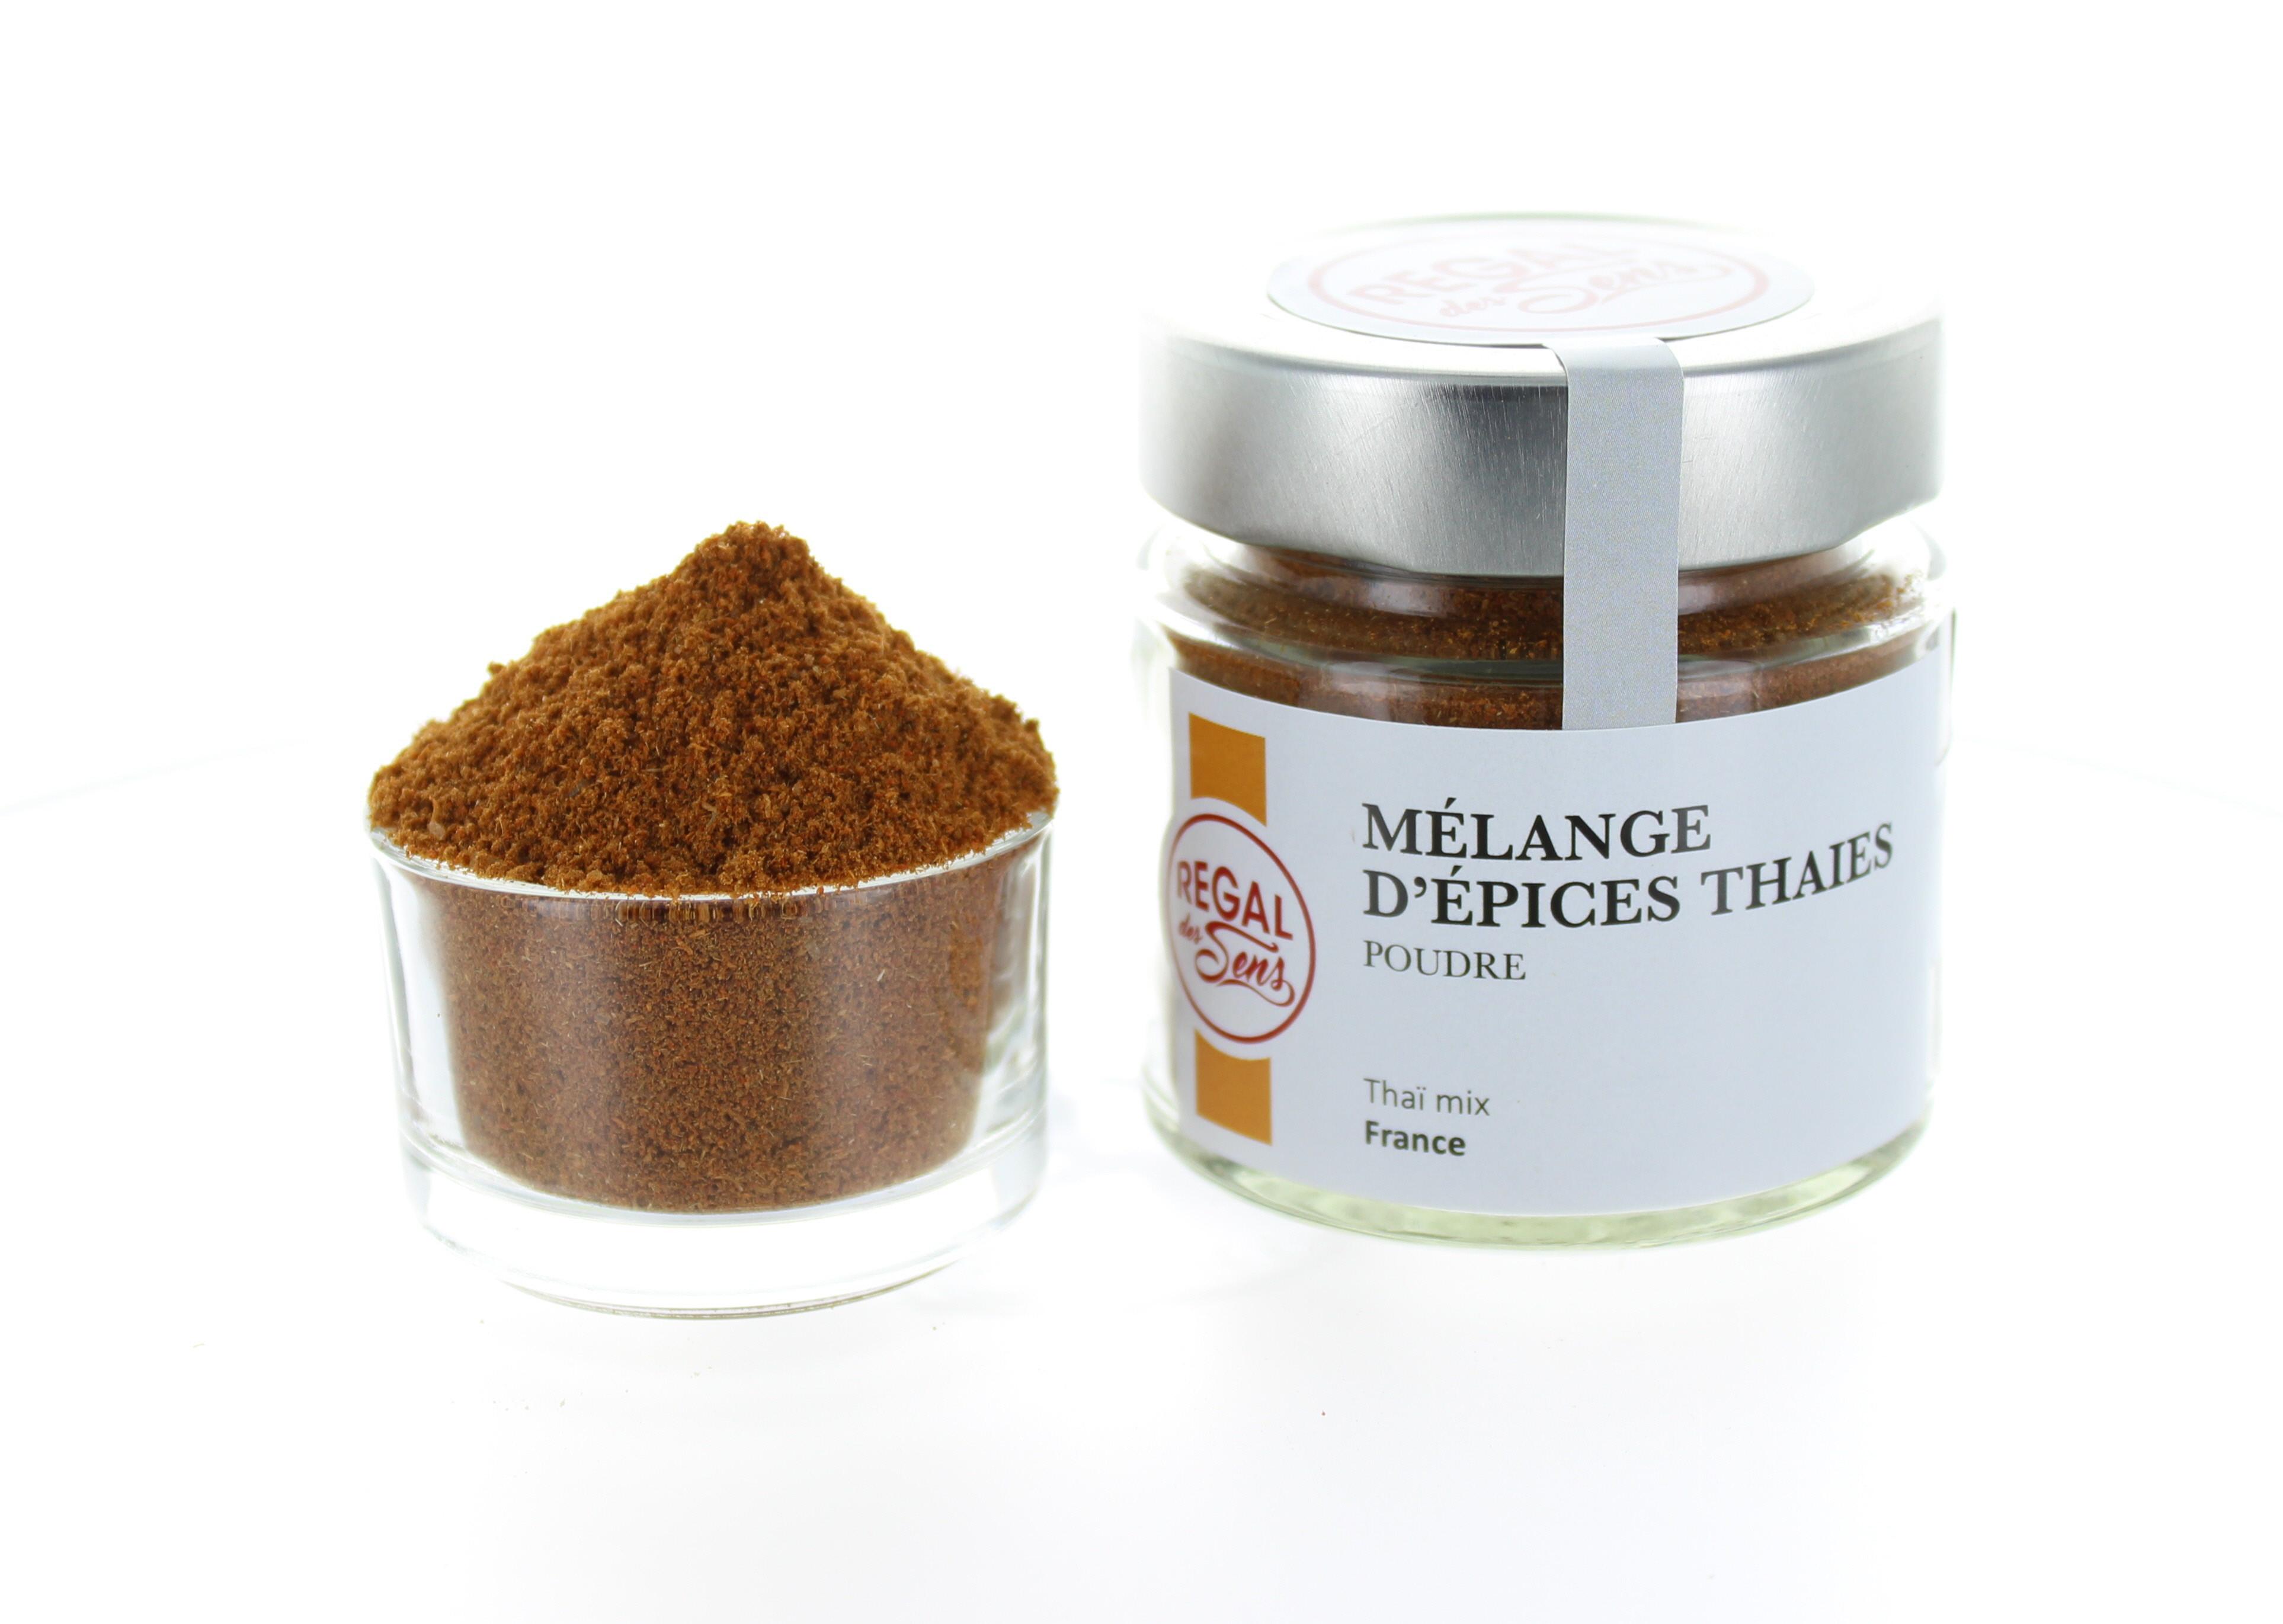 Mélange d'épices Thaïes